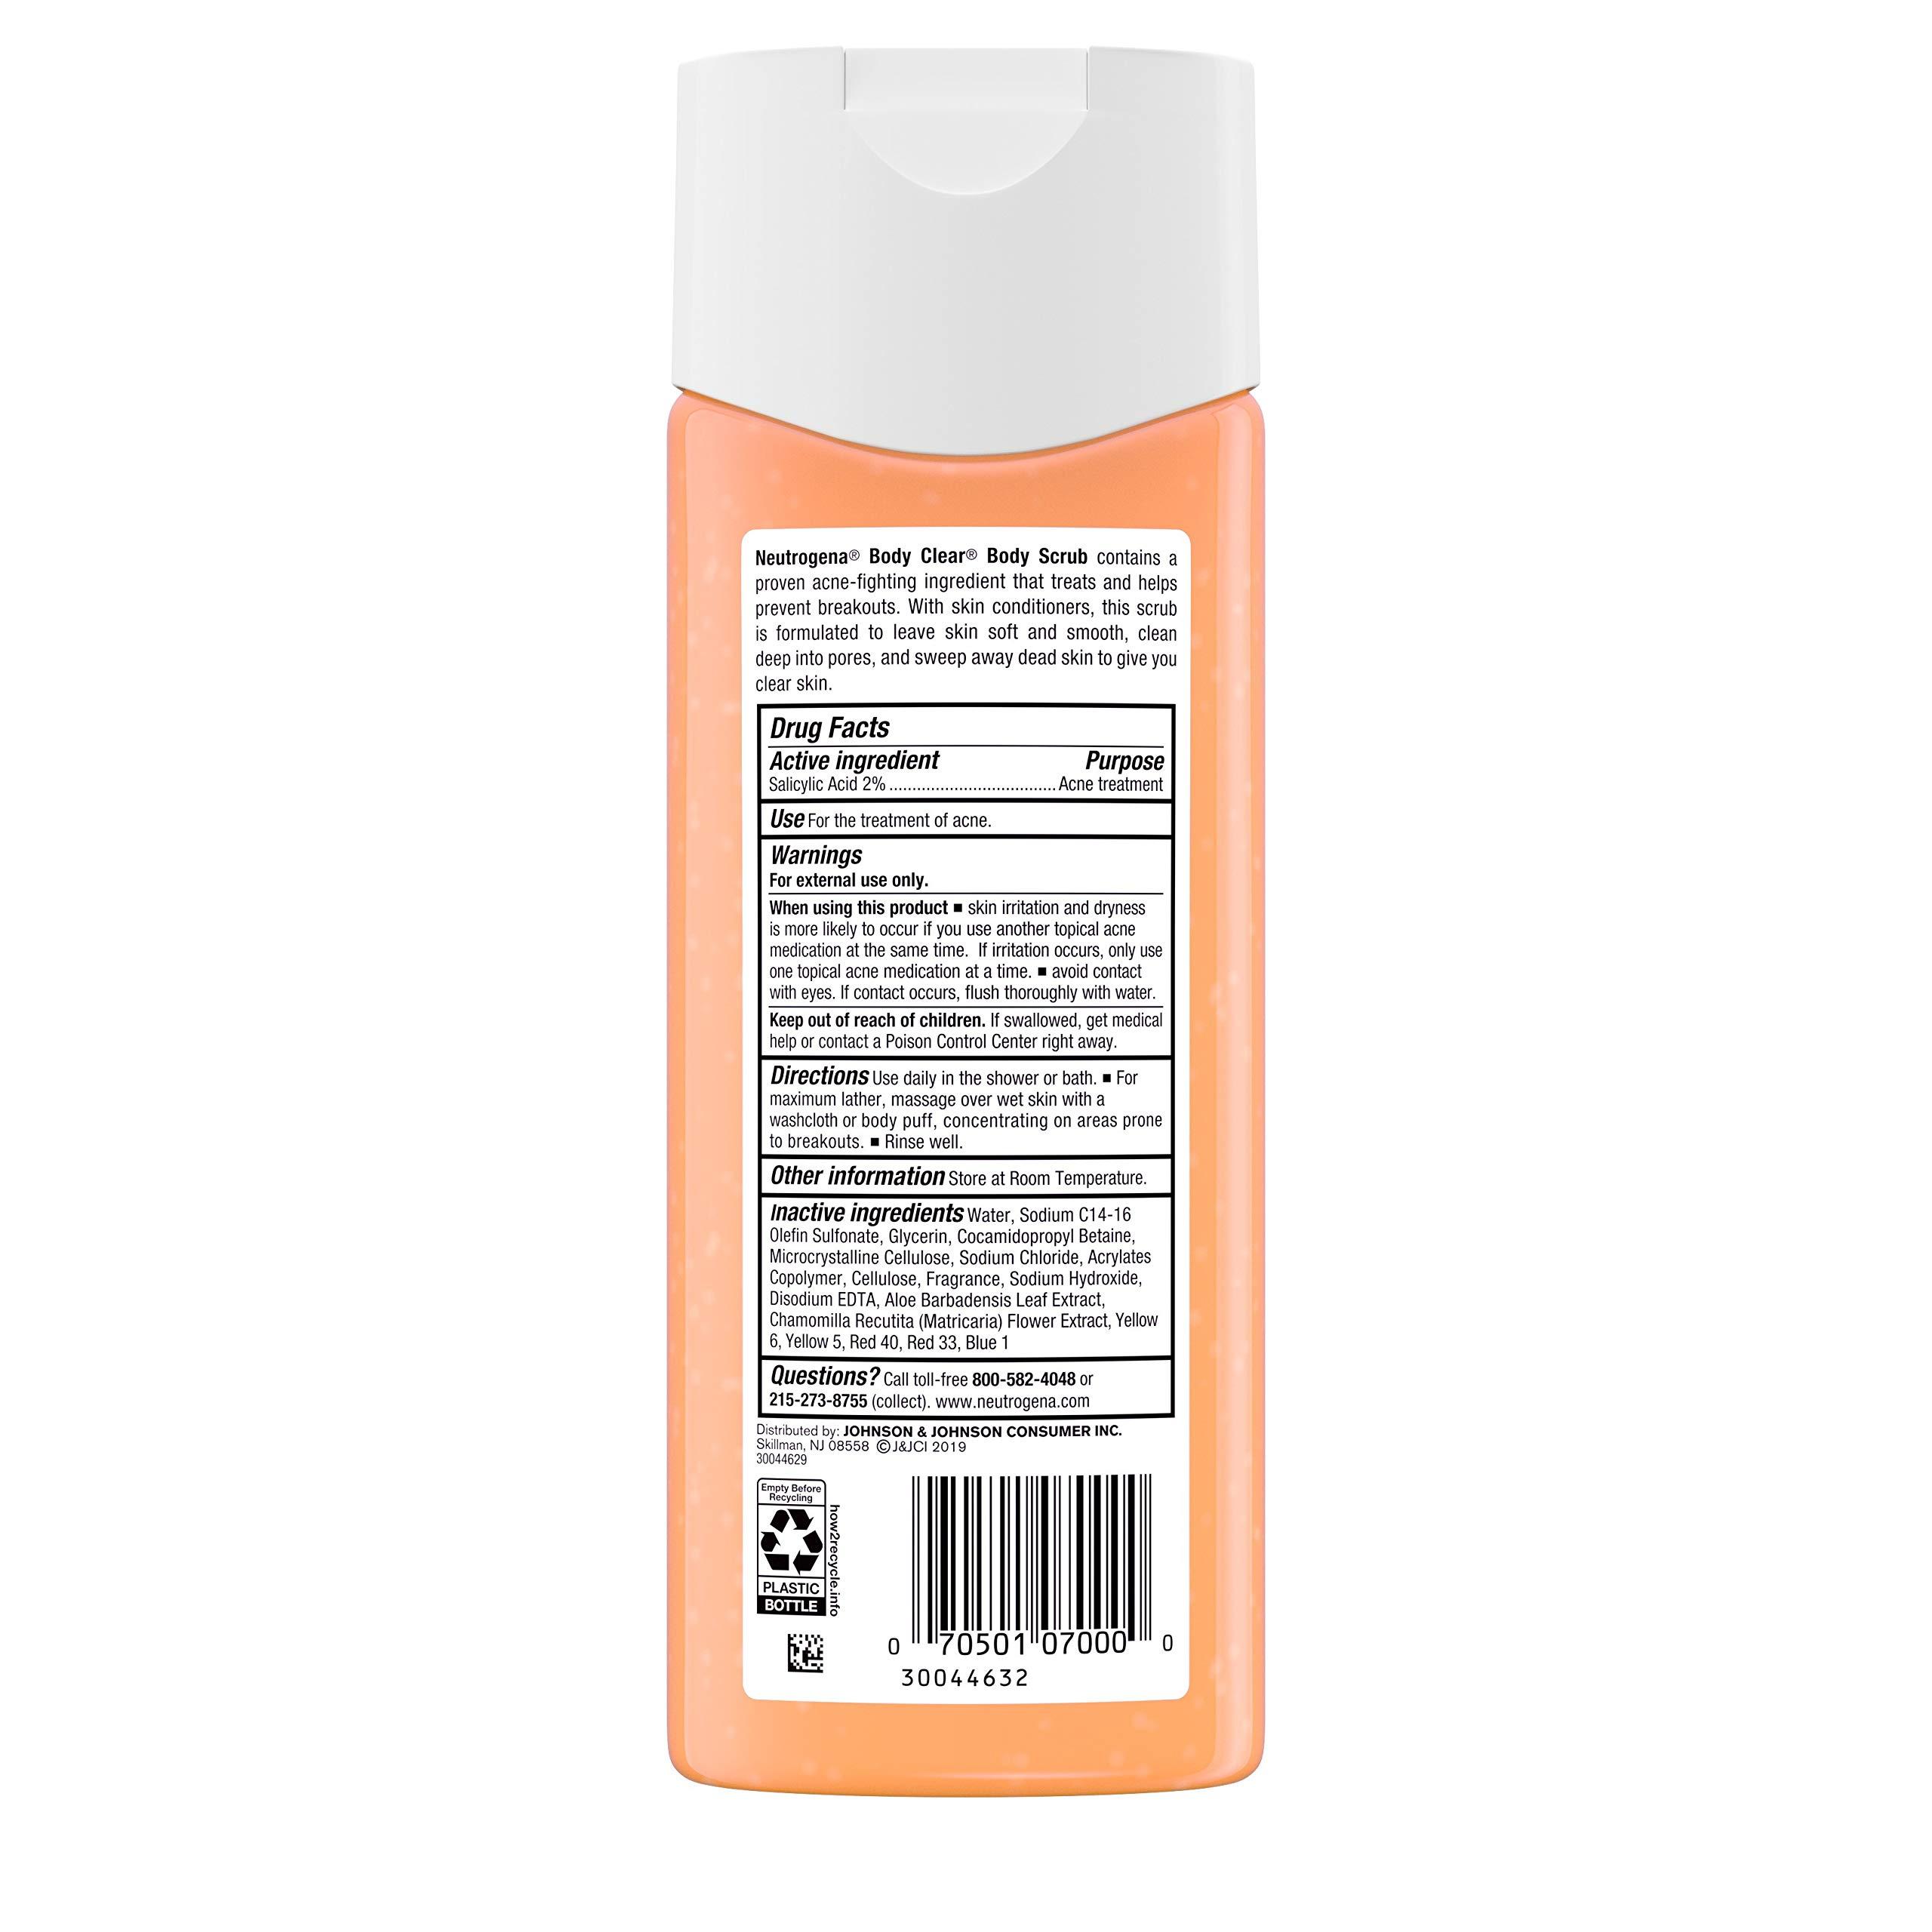 Neutrogena Body Clear Oil Free Acne Body Scrub With Salicylic Acid